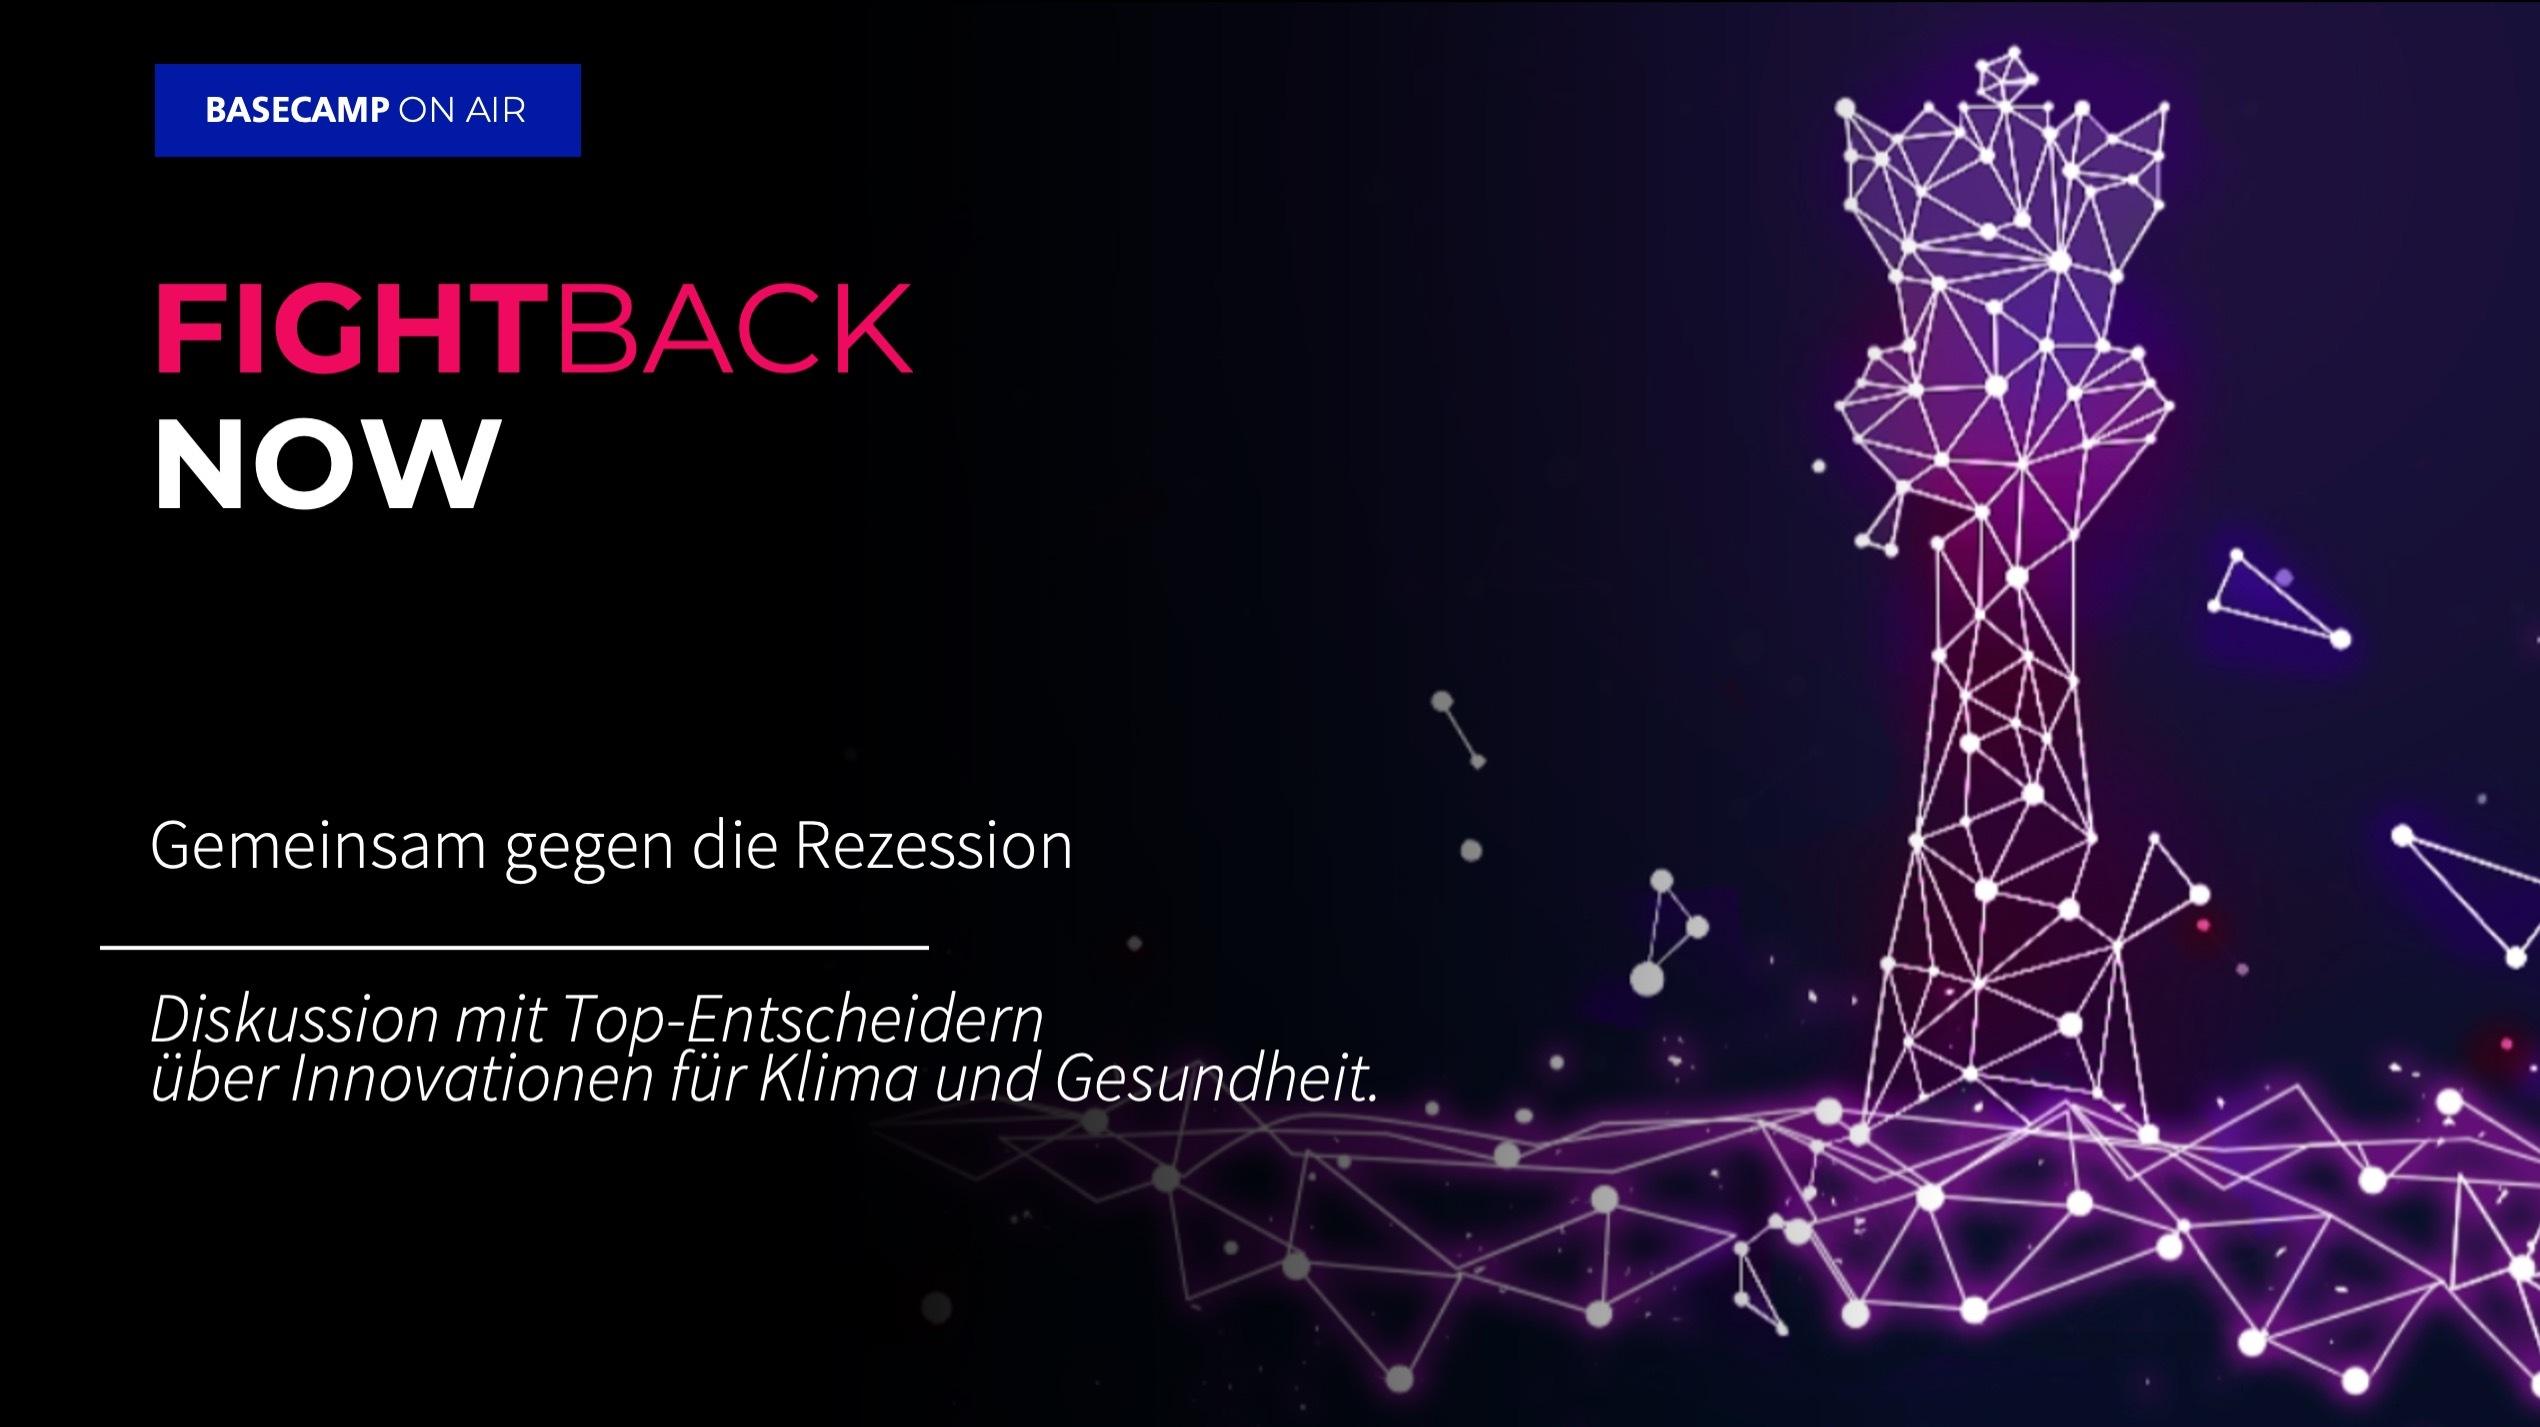 FightBack Now: Gemeinsam gegen die Rezession